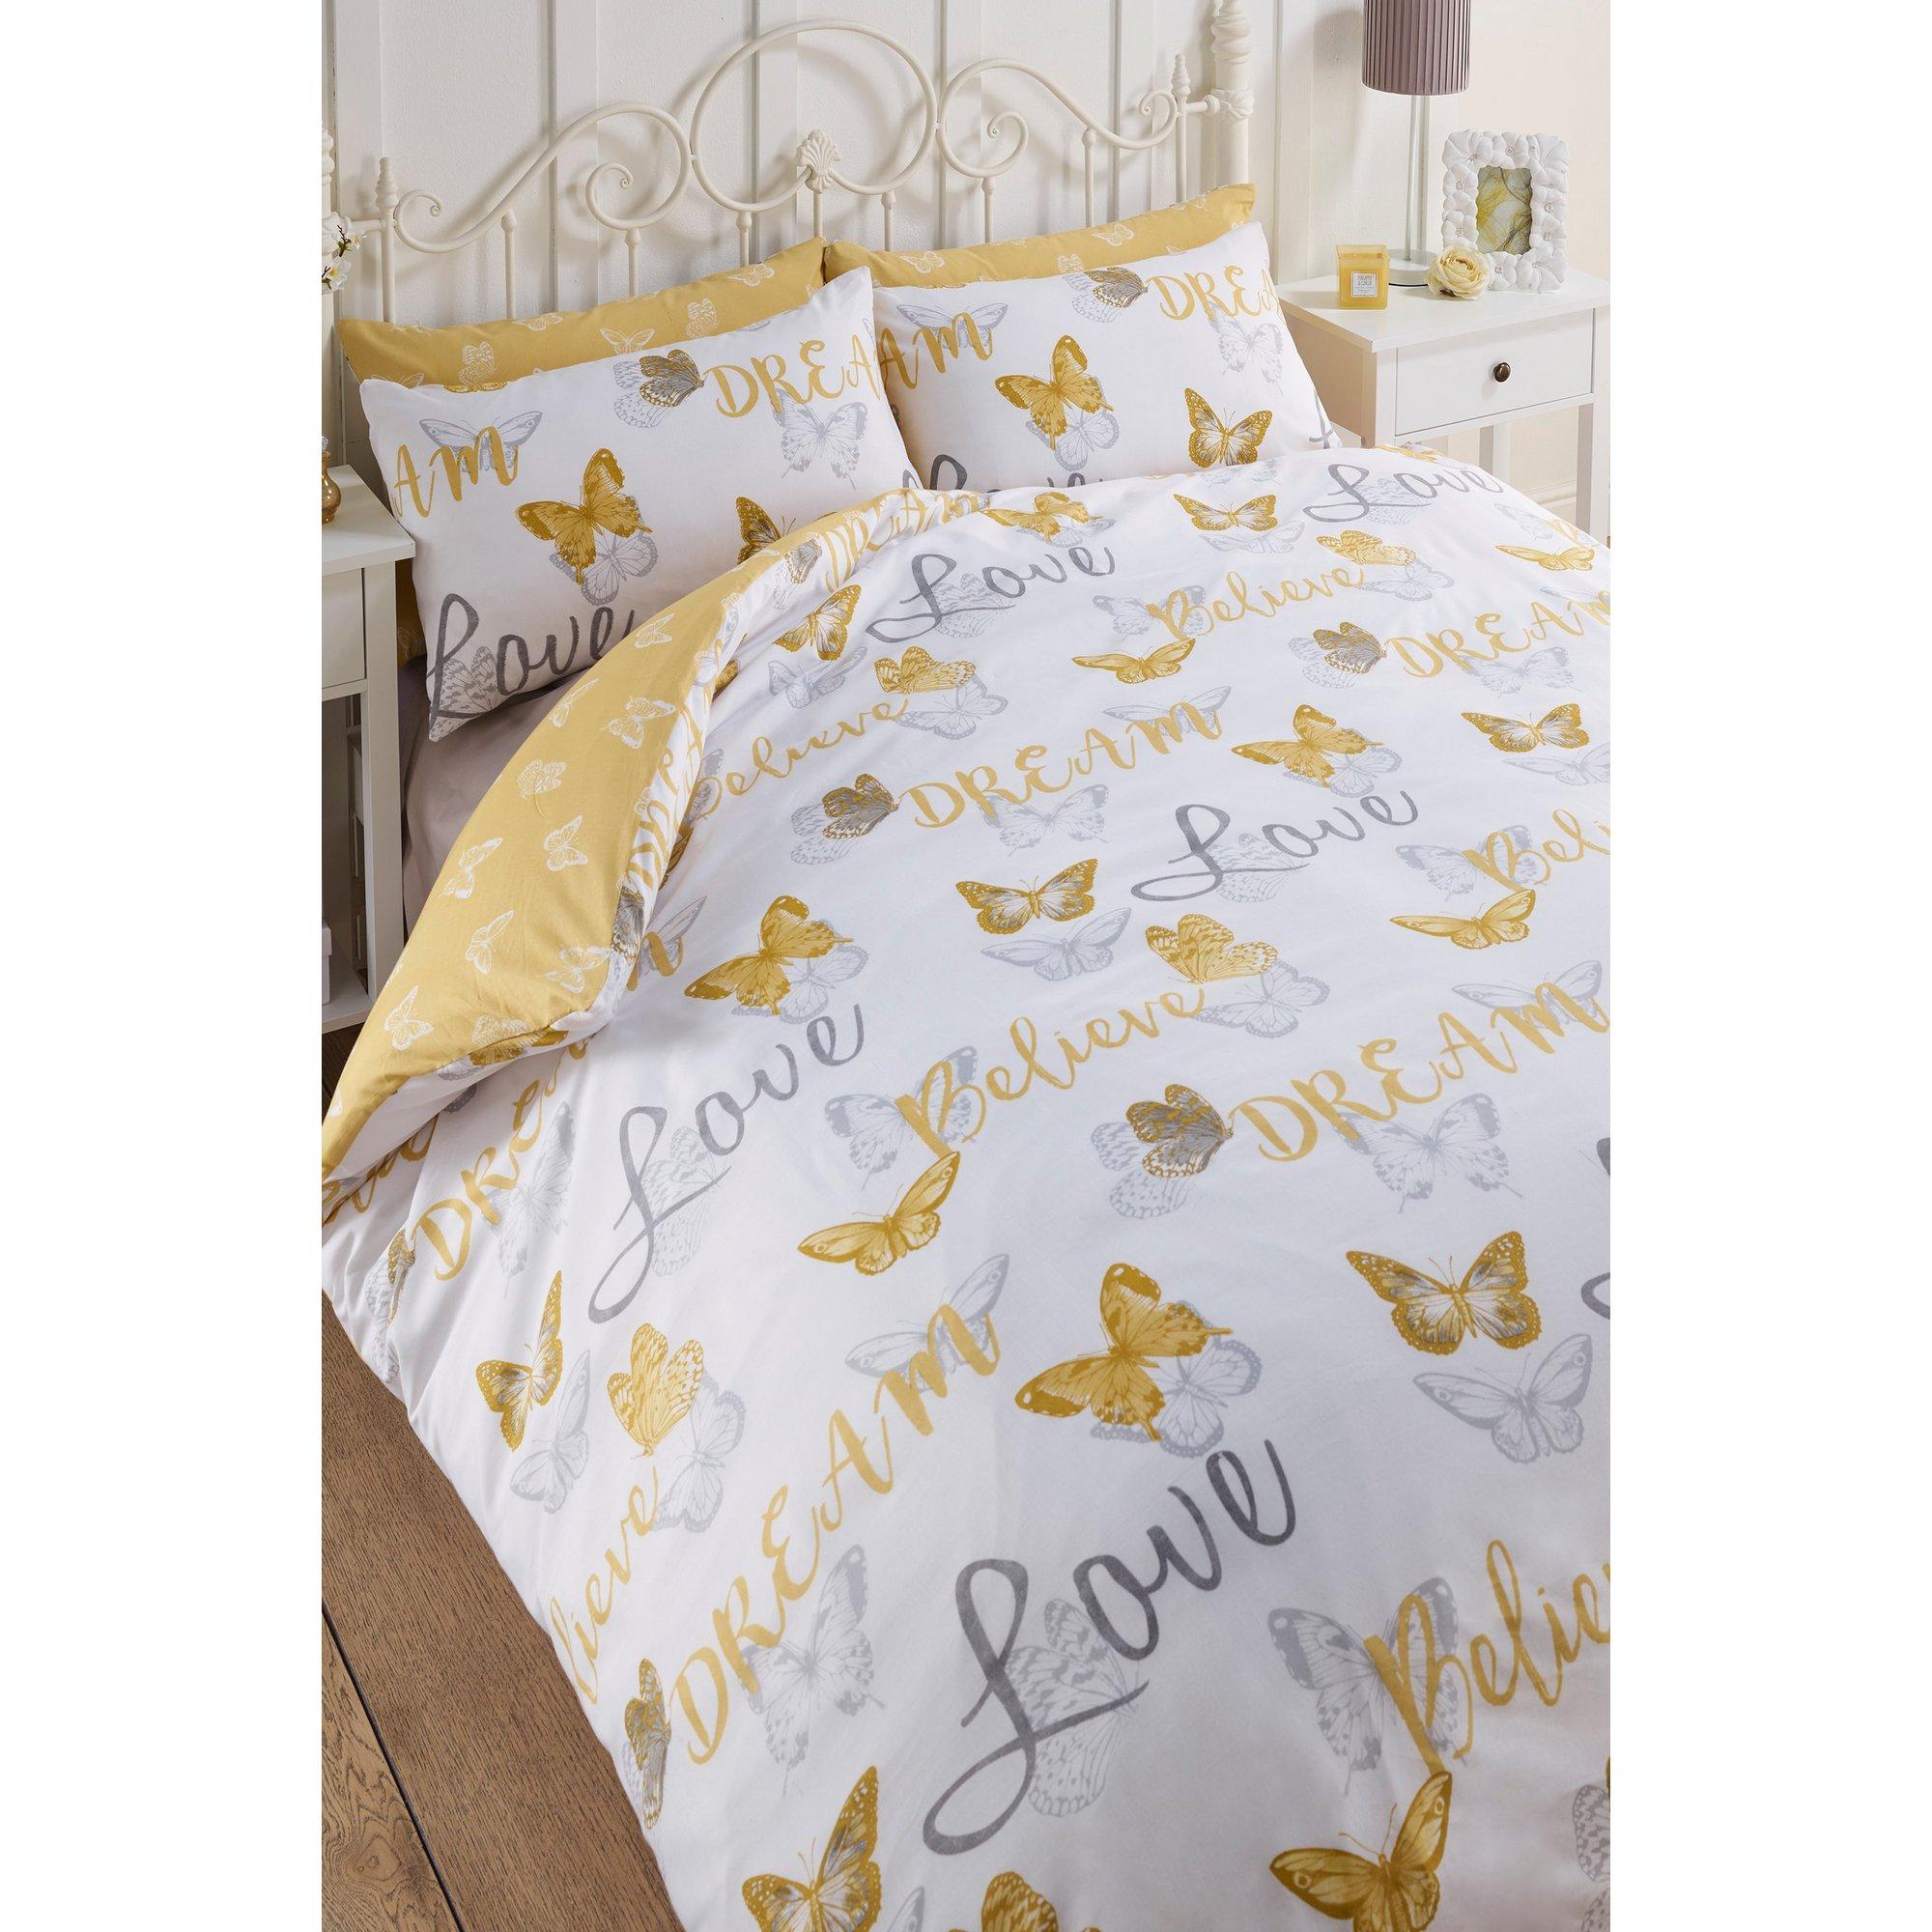 Image of Butterfly Love Reversible Duvet Set